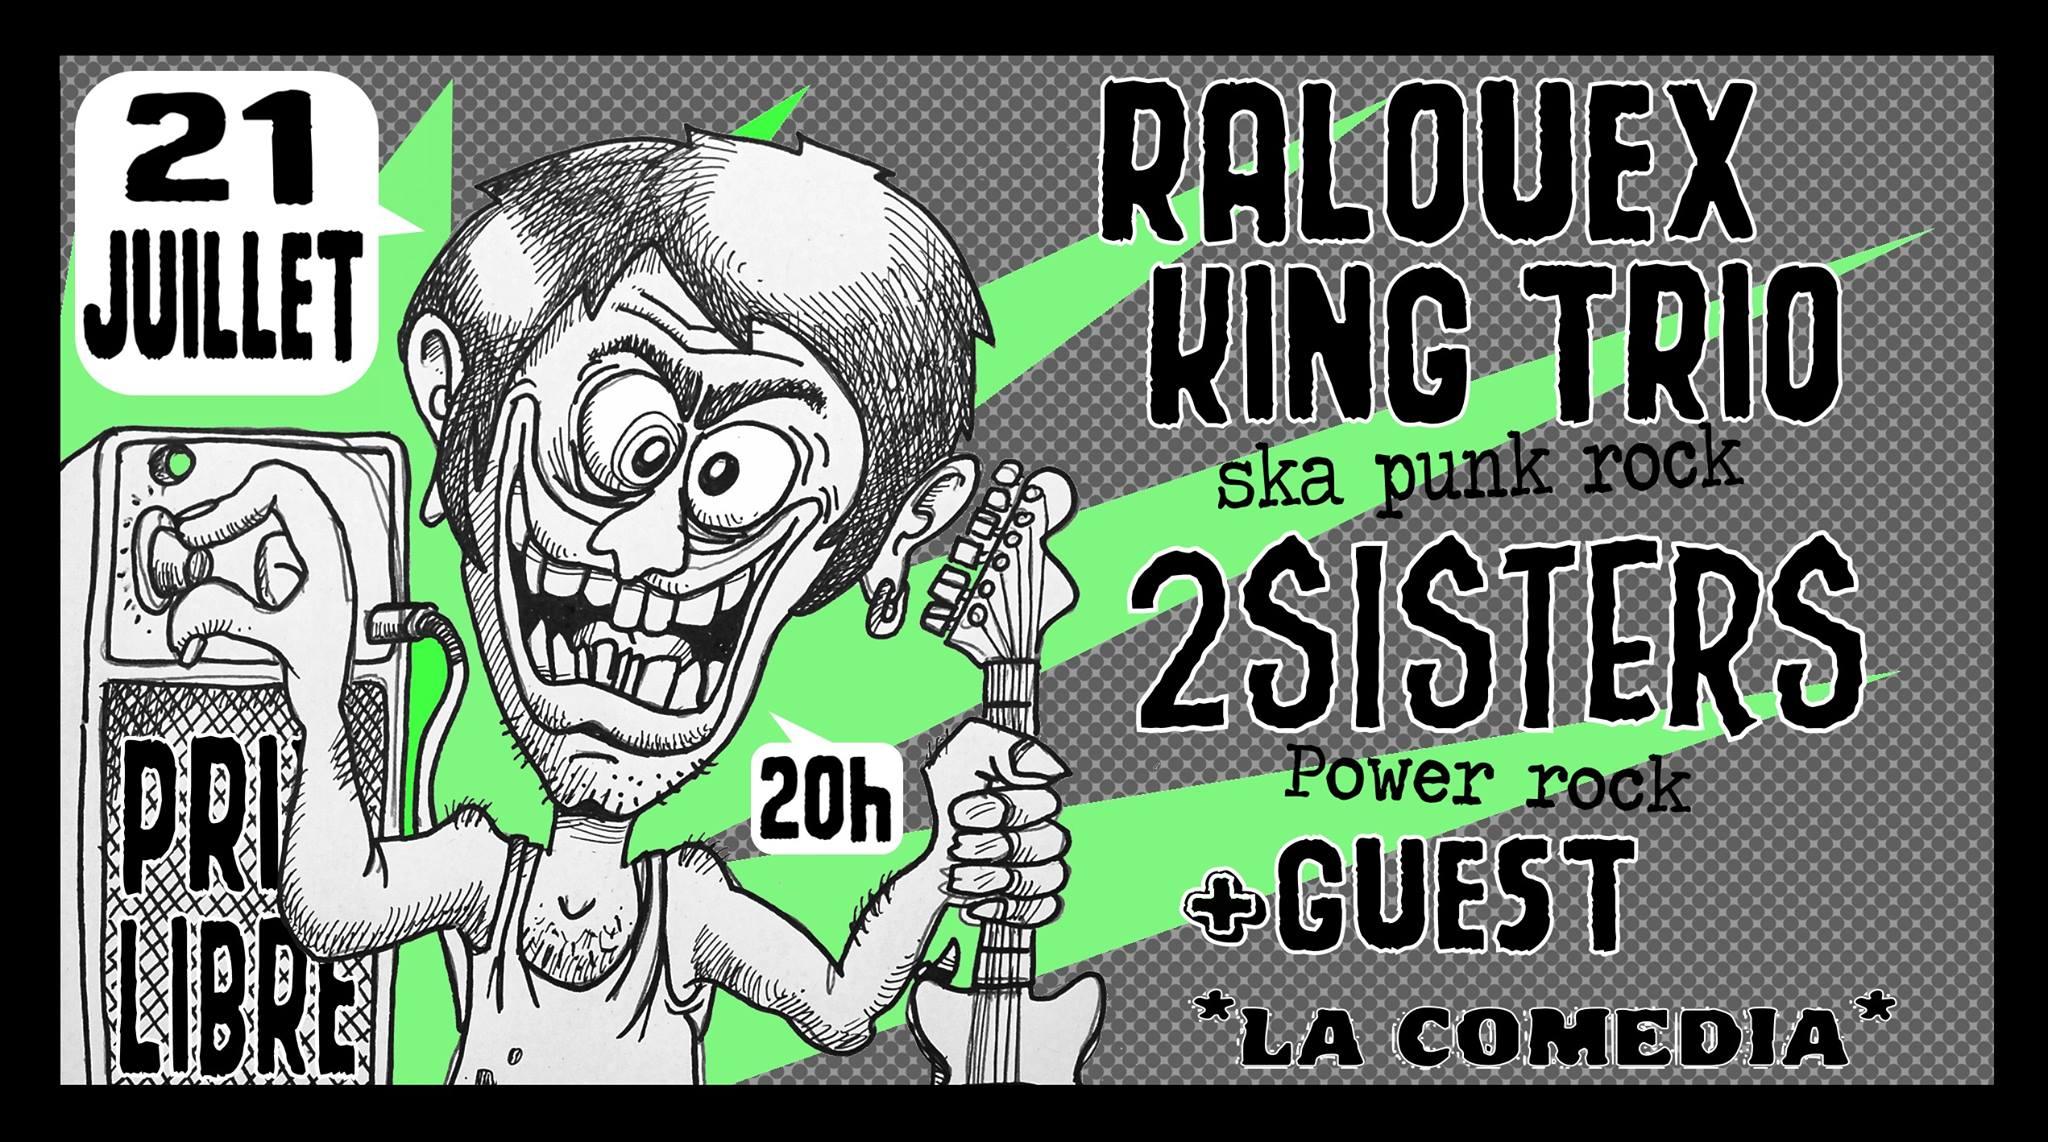 """21 juillet 2018 Ralouex King Trio, 2Sisters à Montreuil """"la Comedia"""""""